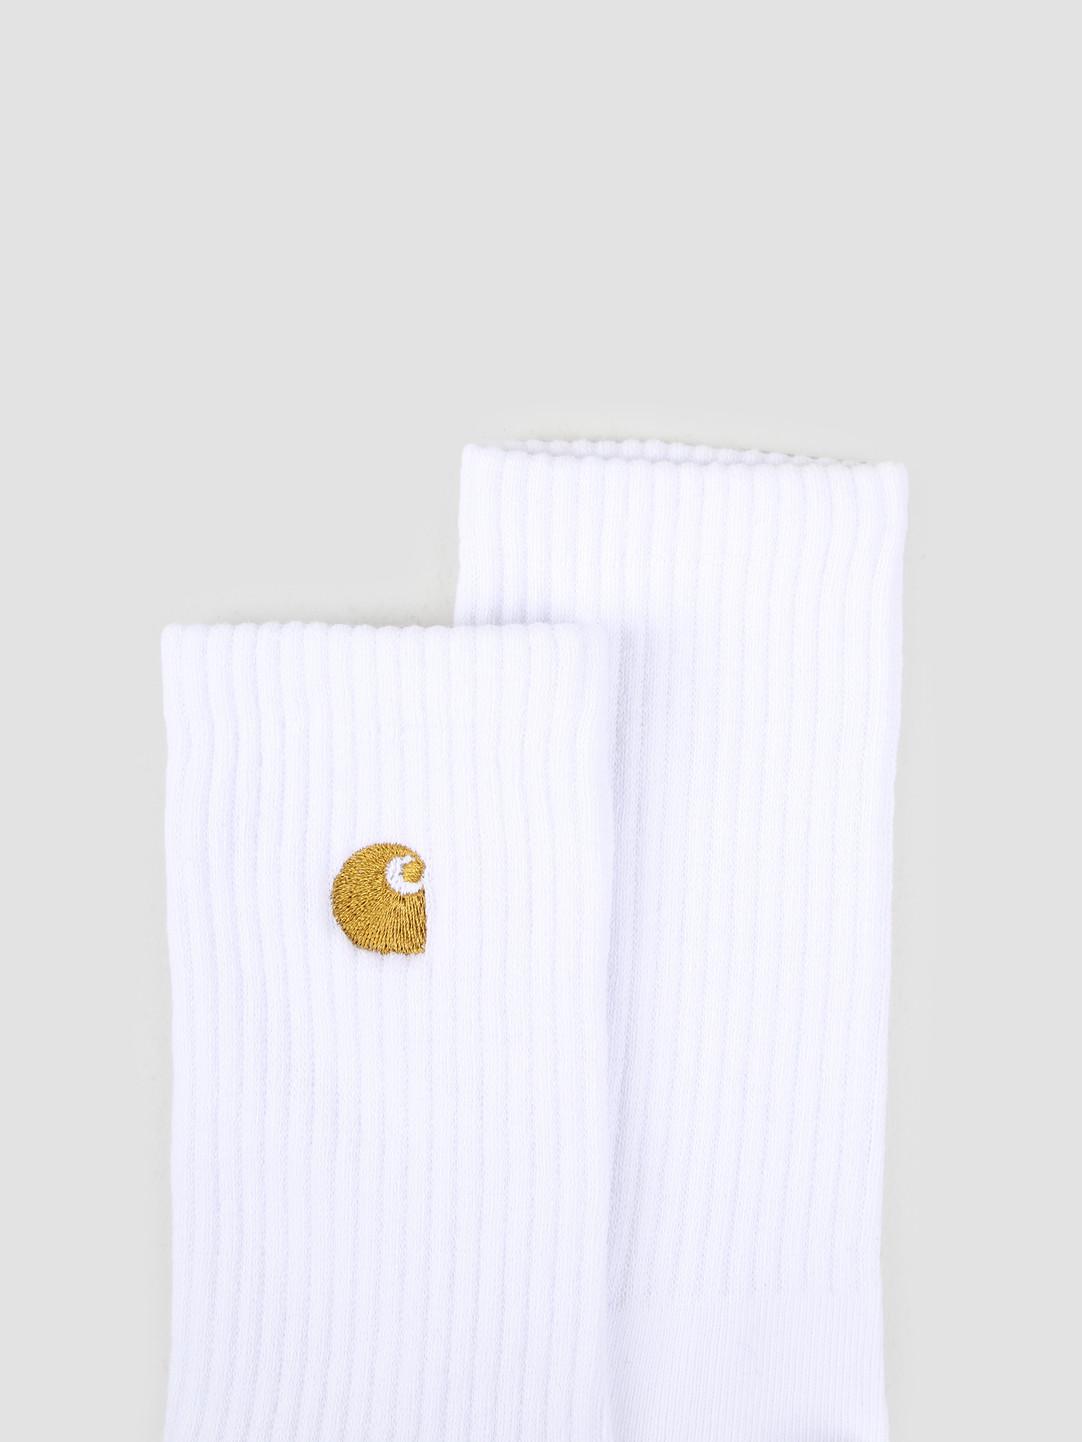 Carhartt WIP Carhartt WIP Chase Socks White Gold